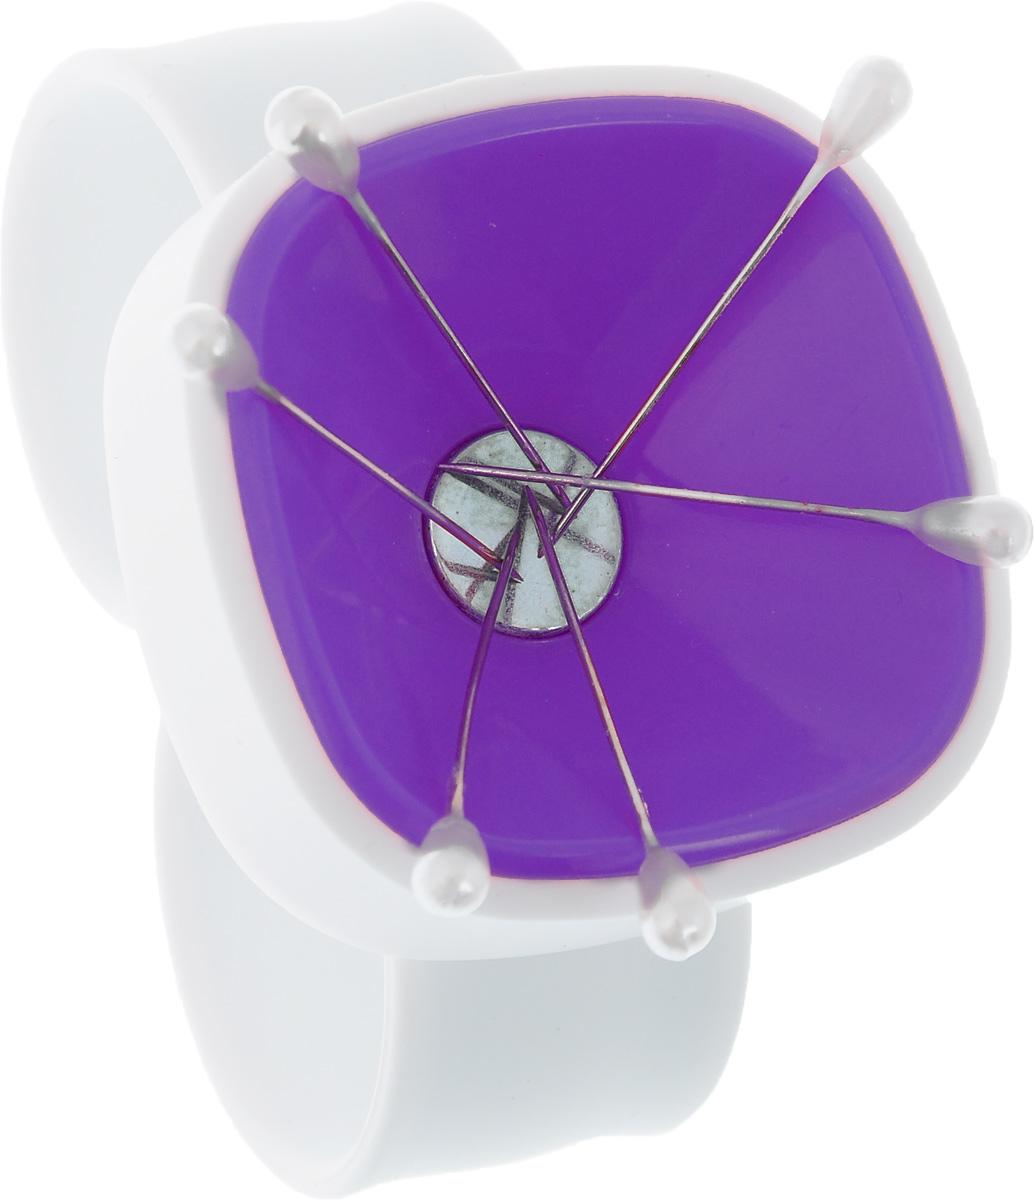 Магнитная игольница на запястье Hemline, цвет: белый, фиолетовый276.WP_фиолетовыйМагнитная игольница на запястье Hemline изготовлена из пластика и силикона. Изделие надежно удерживает иглы и булавки благодаря специальному магниту. Игольница имеет легкий вес, проста и интересна в использовании. Надевается на запястье, что очень удобно при работе. Браслет имеет универсальный размер и гибкий ремешок, поэтому легко надевается и снимается. В комплекте предусмотрено 6 портновских булавок. Длина ремешка: 25 см. Ширина ремешка: 2,3 см. Размер игольницы: 5 х 5 х 2 см.